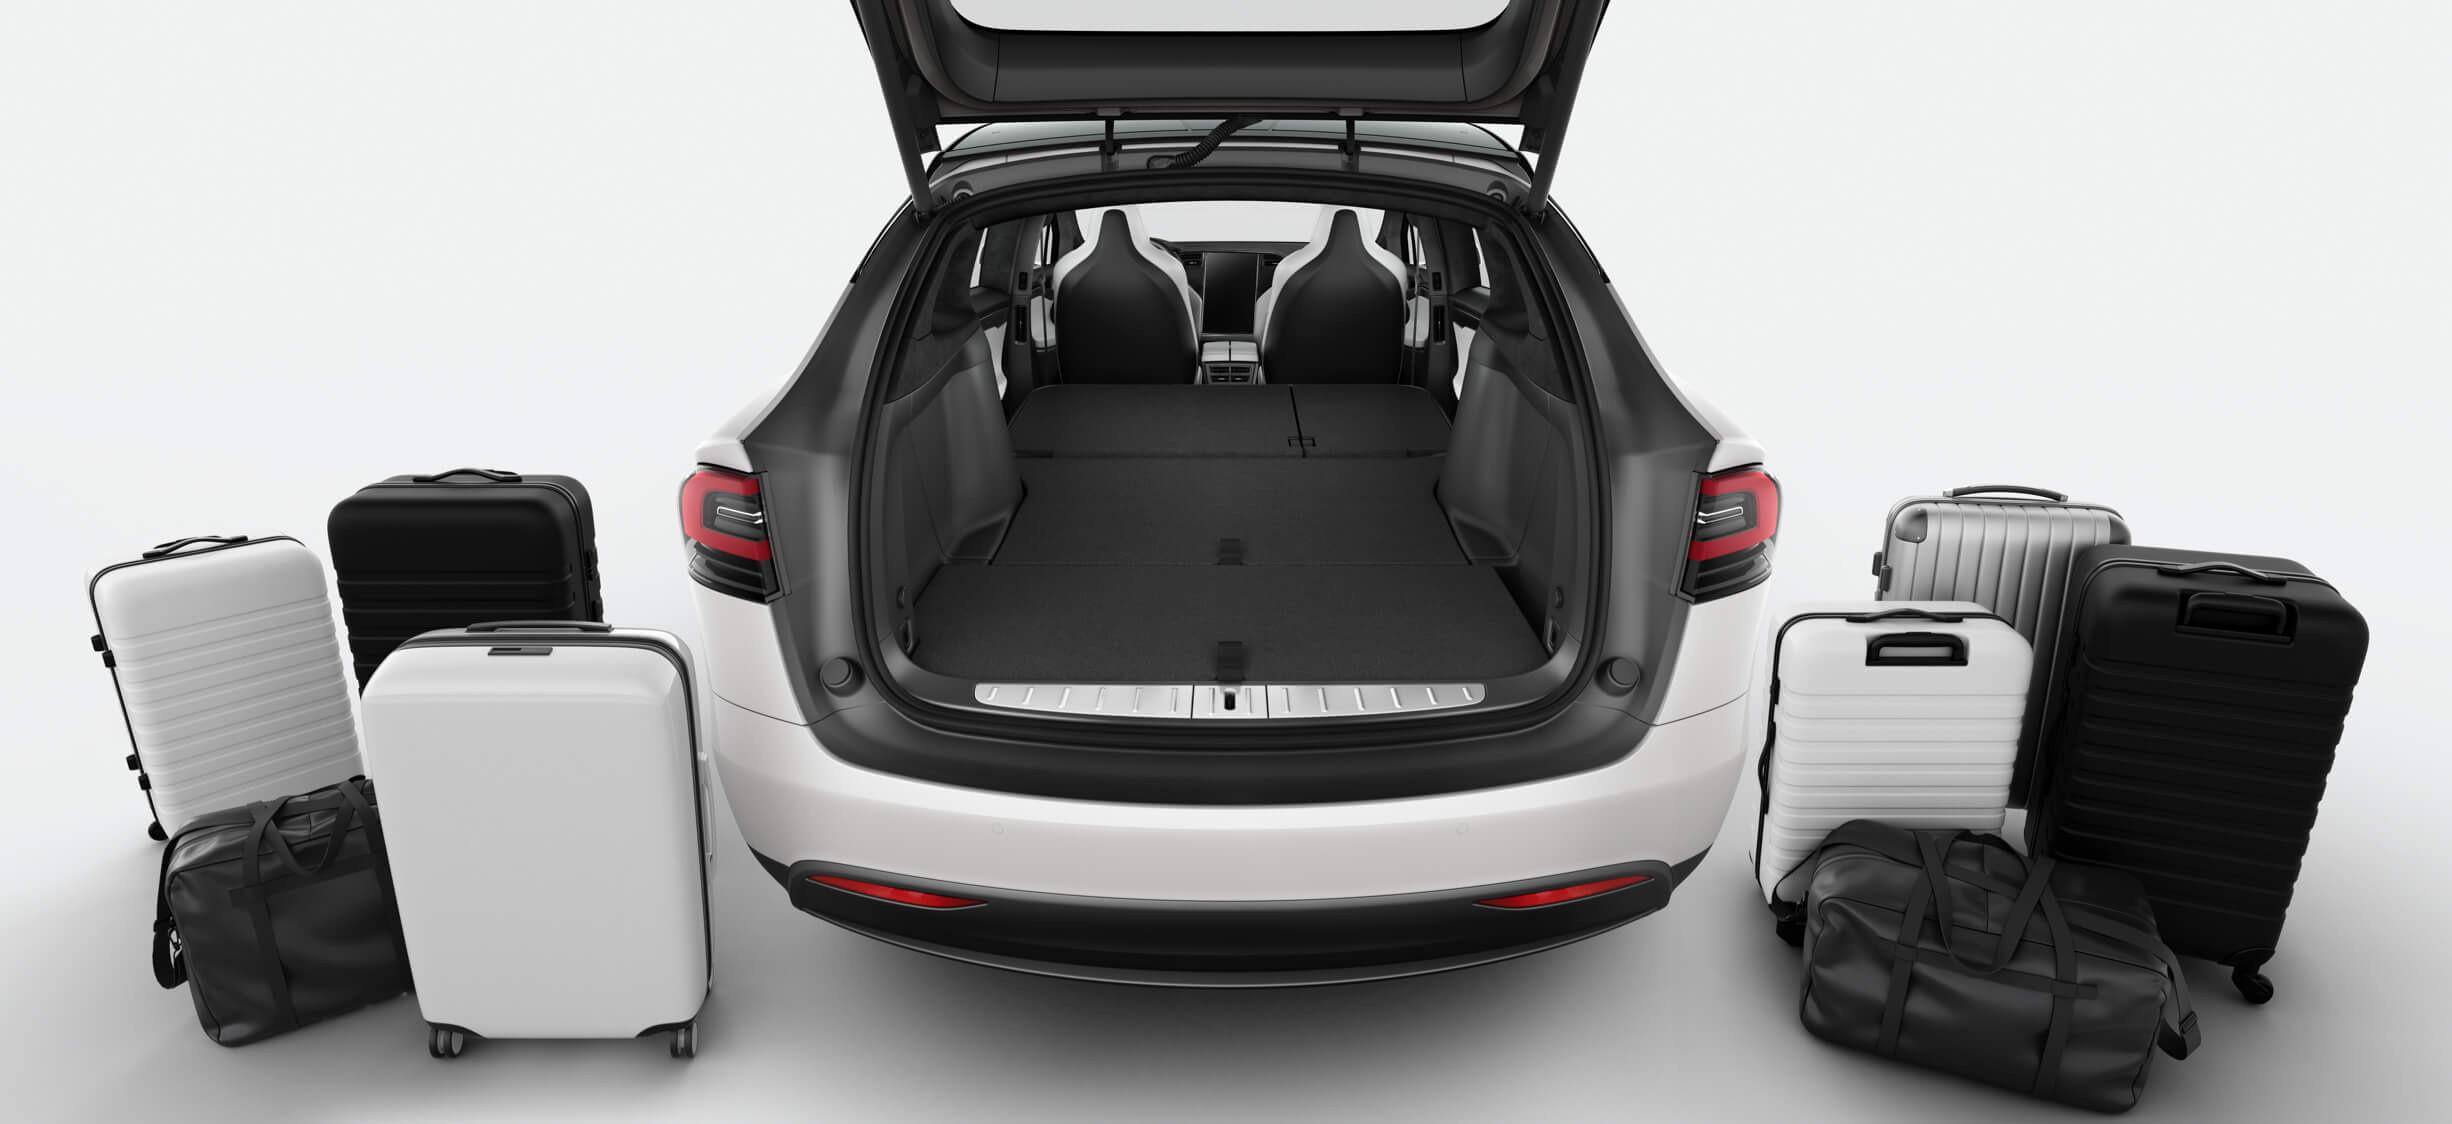 Model X Tesla Other Europe